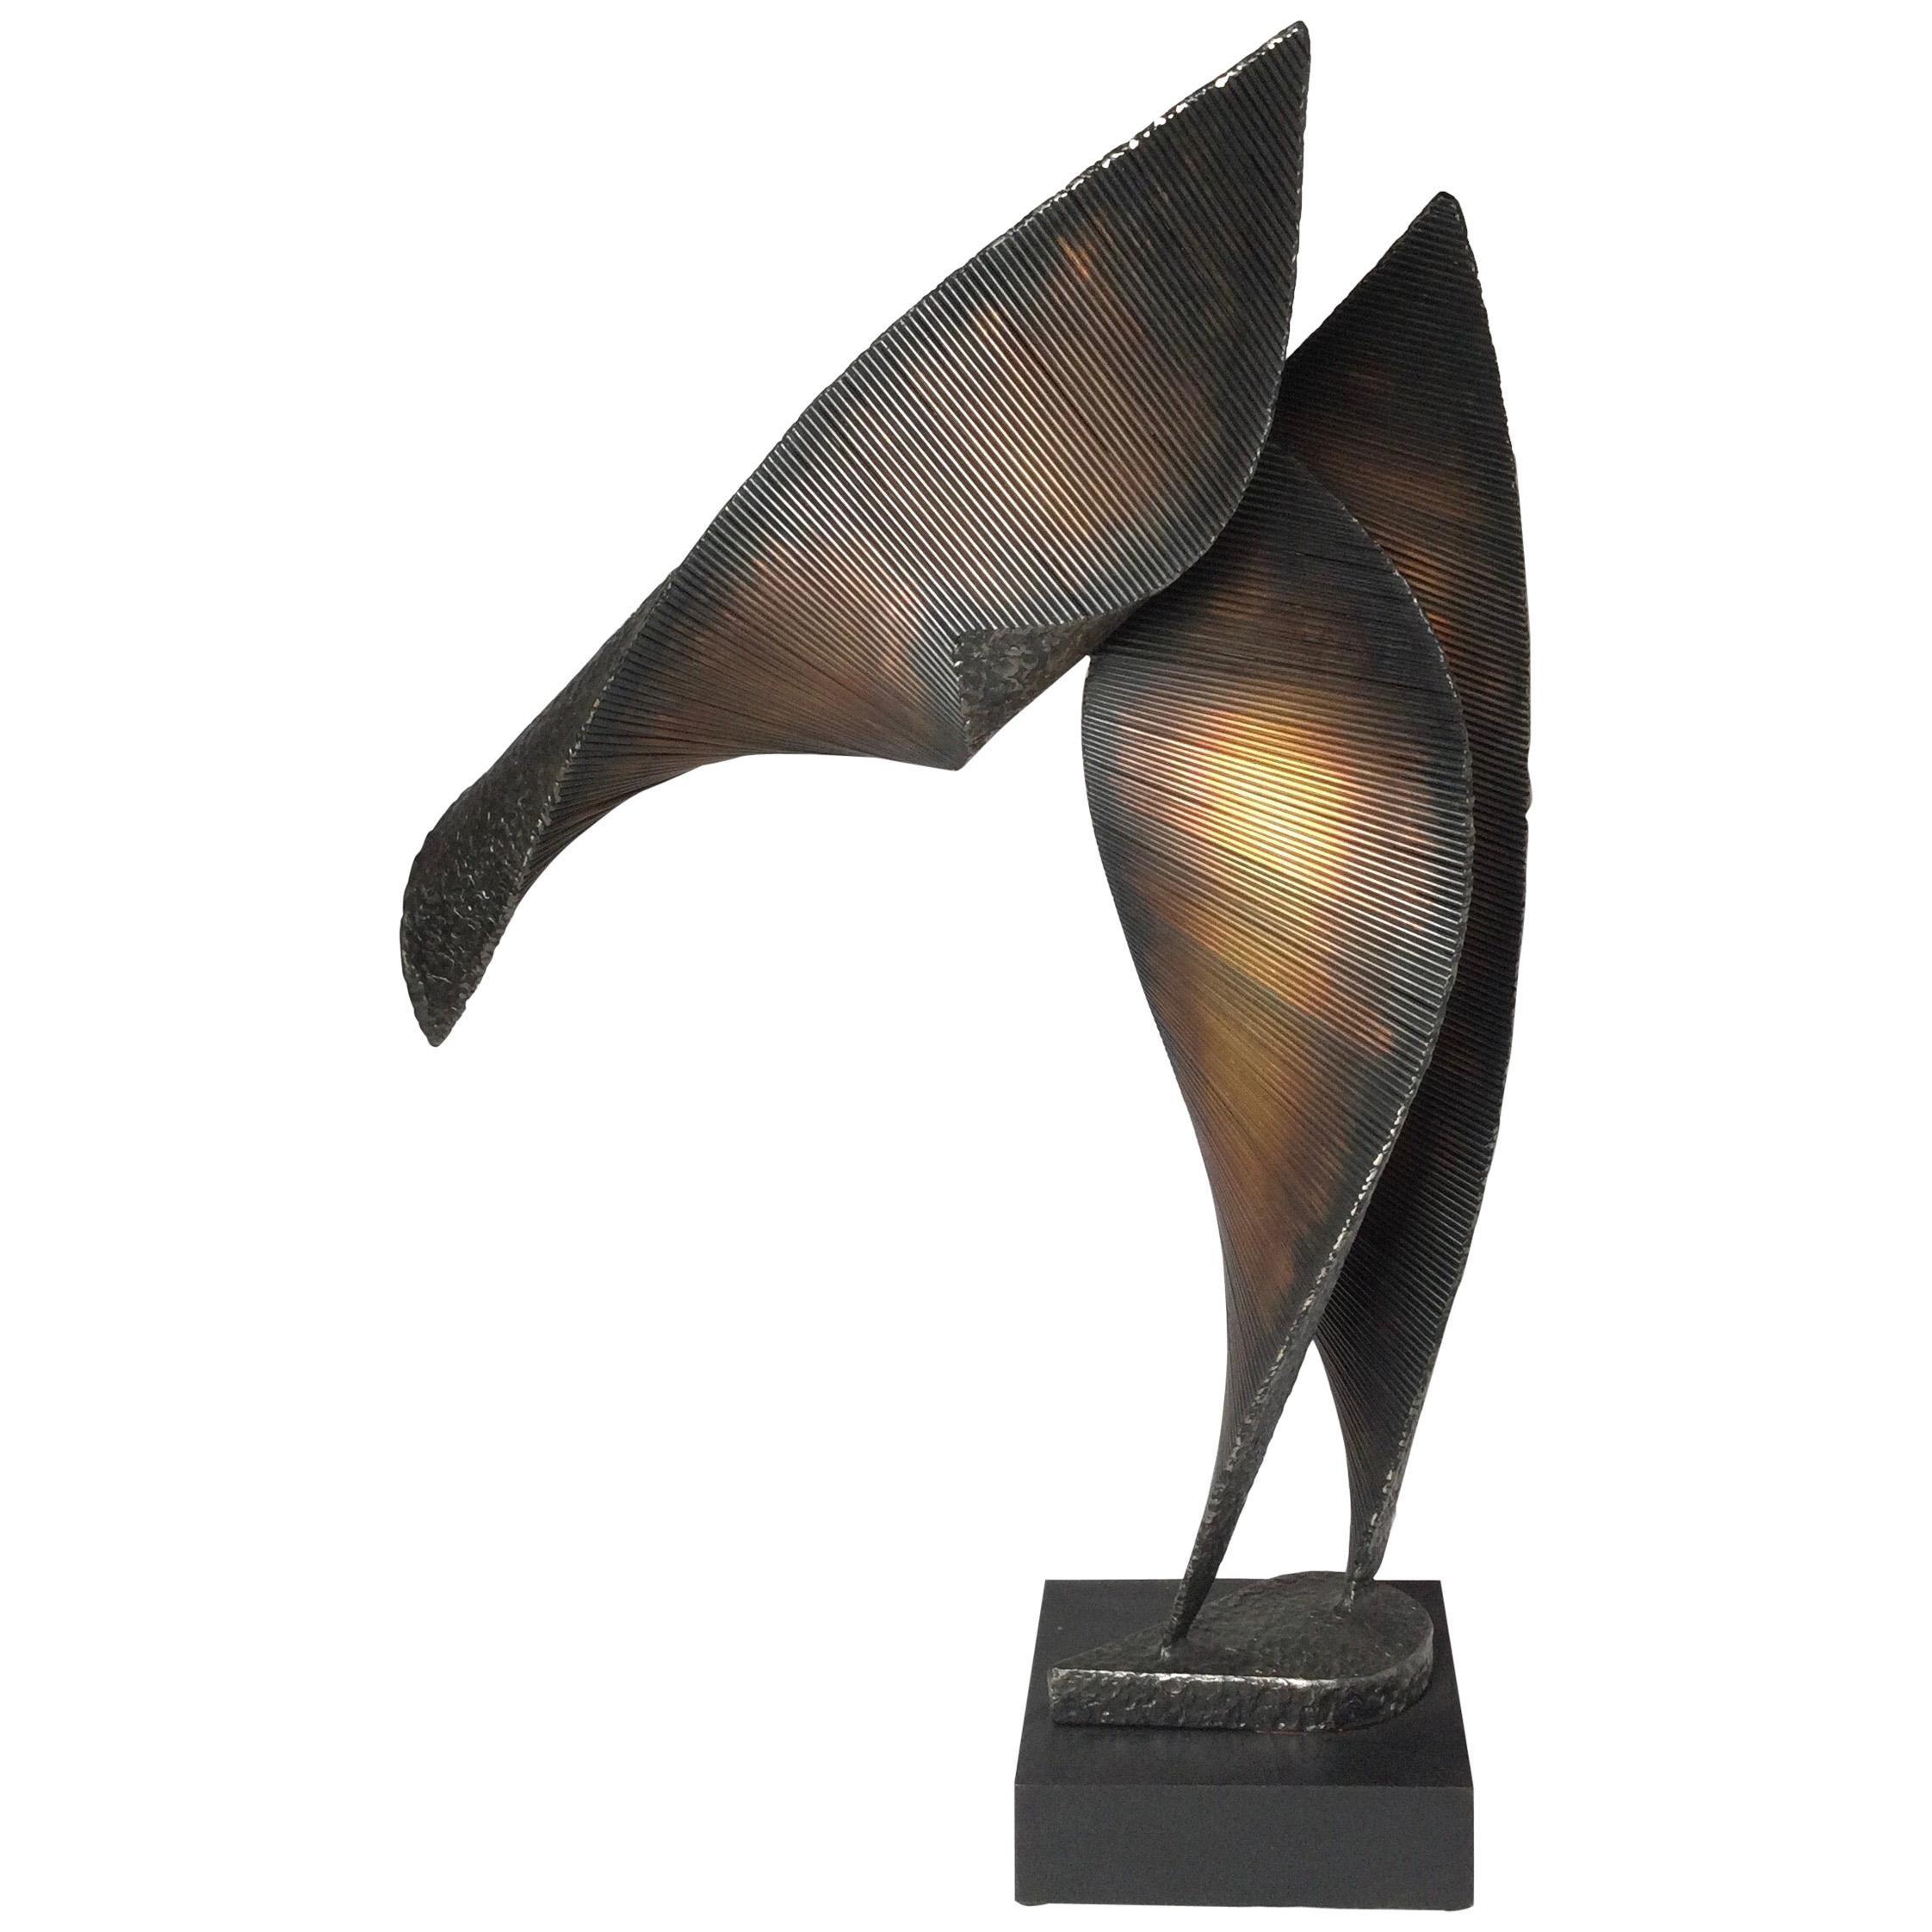 Modern Brutalist Abstract Metal Sculpture Signed Roper